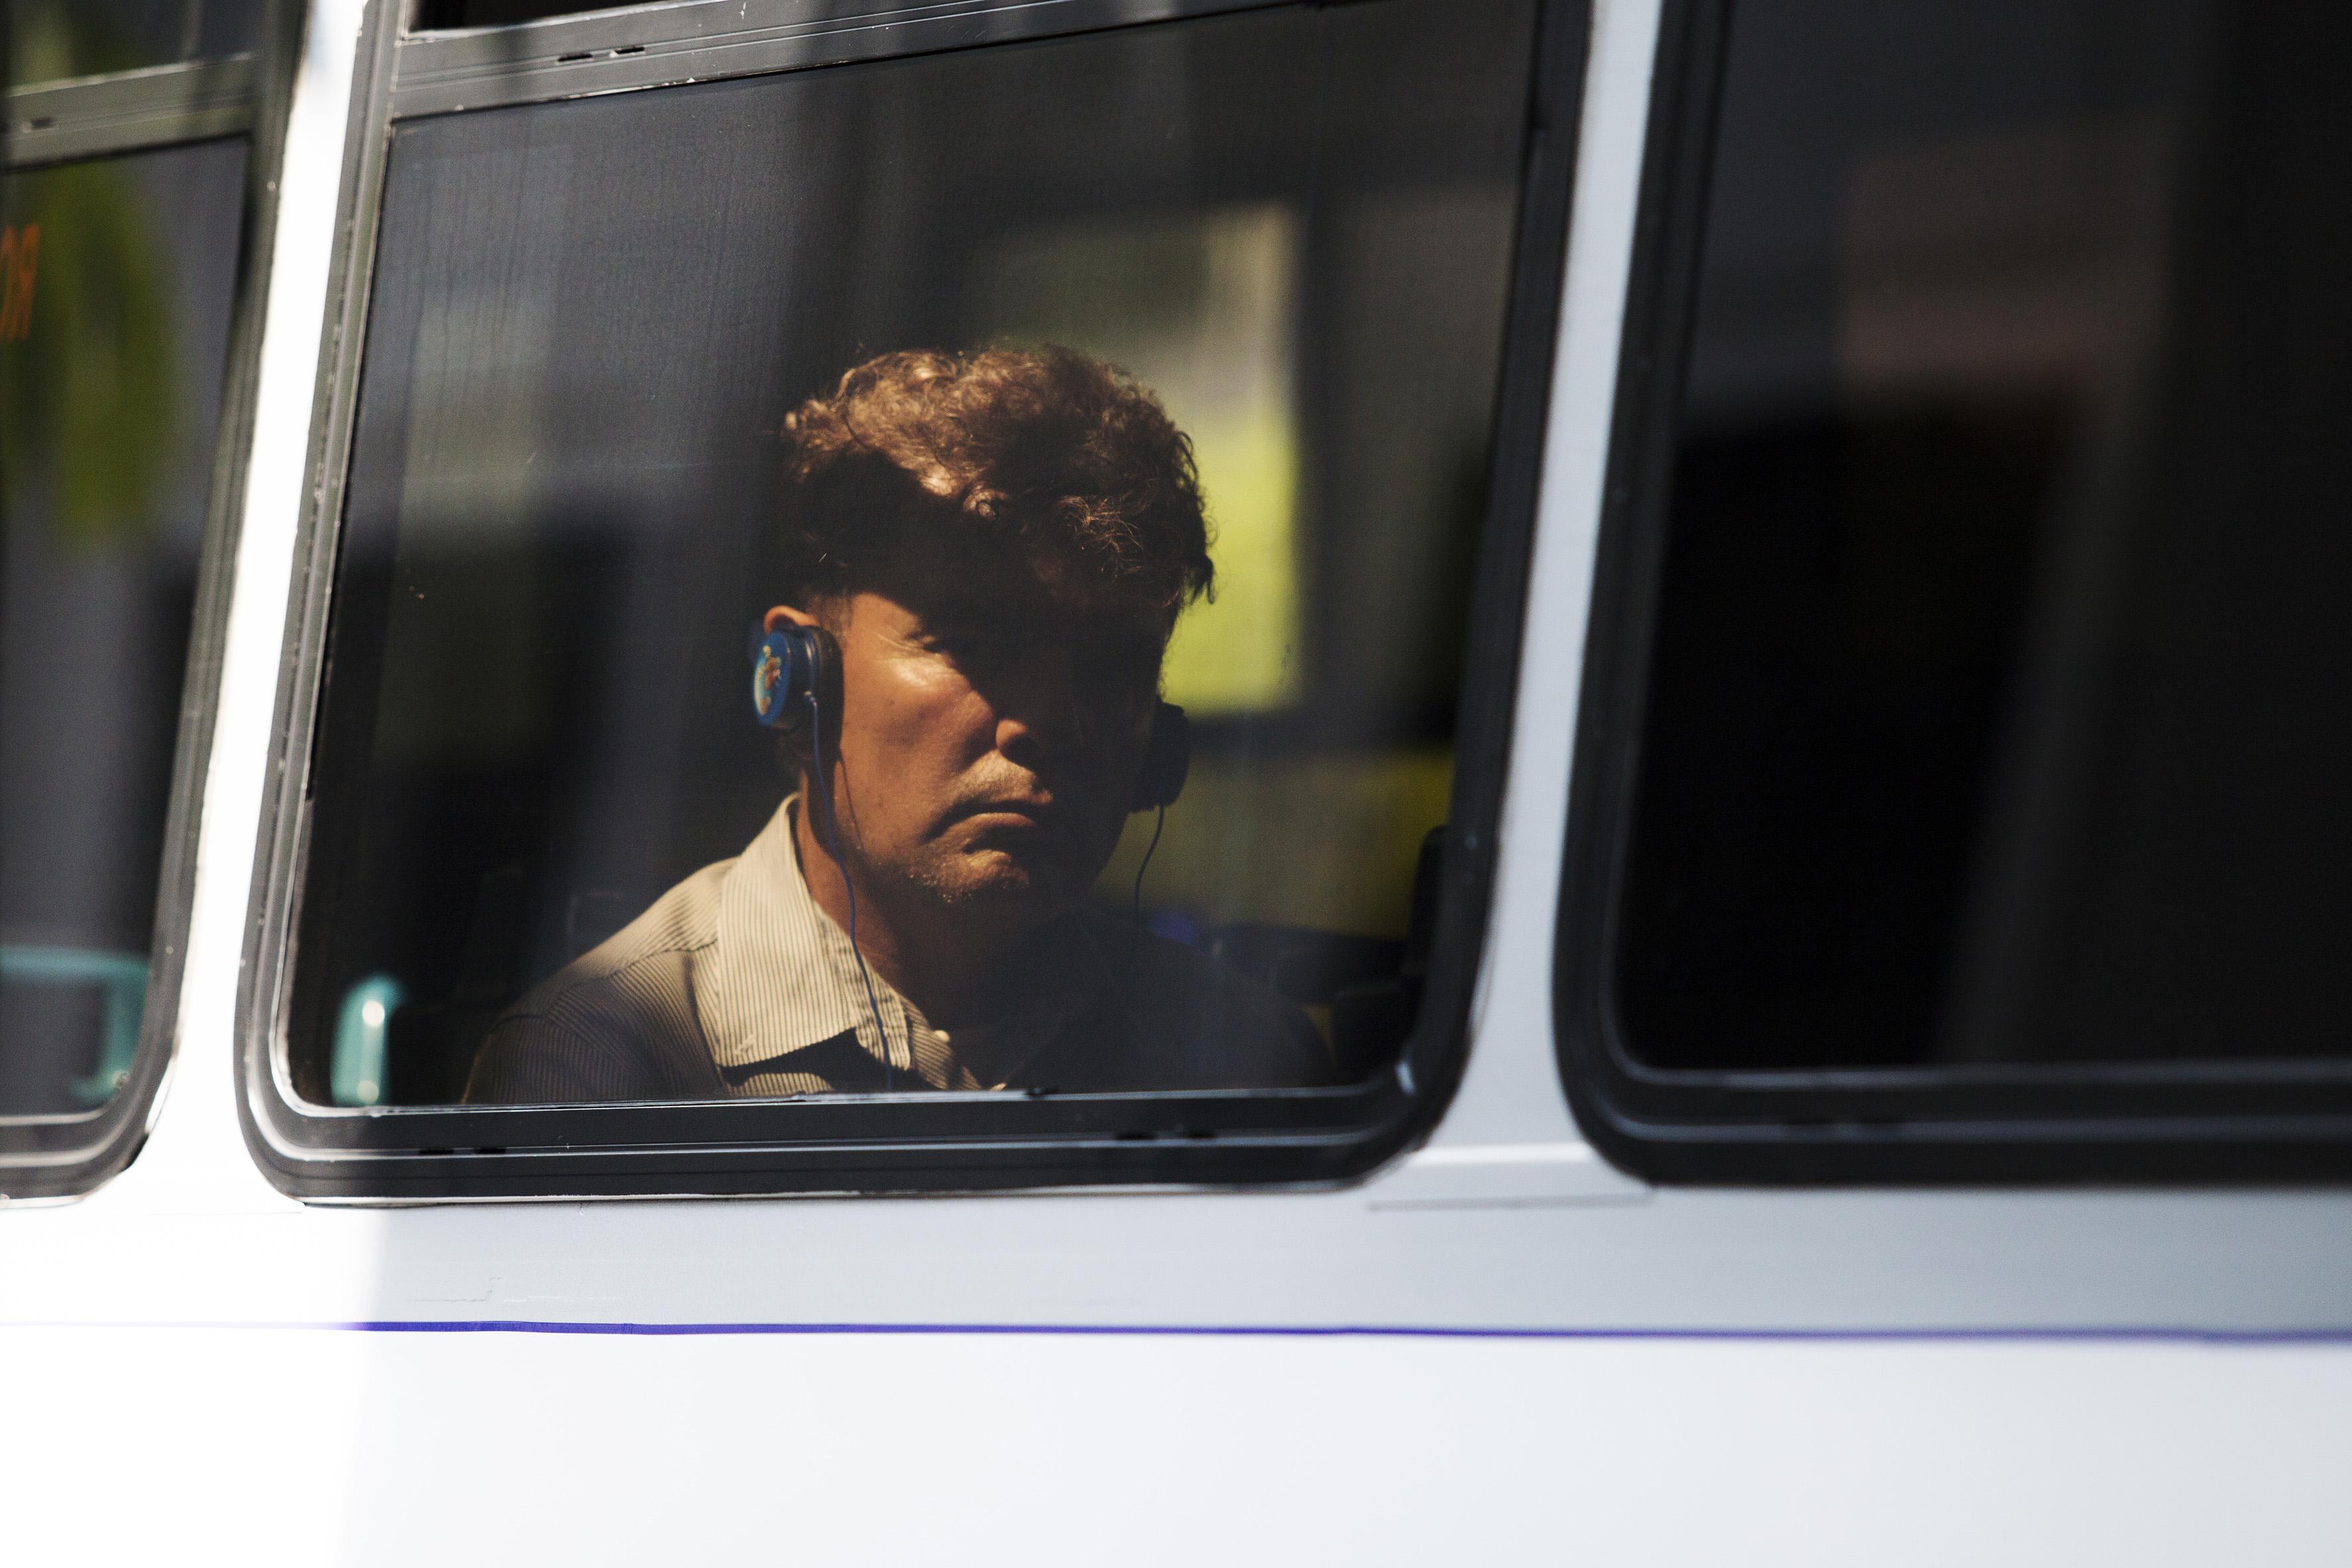 persona con audifonos en el transporte publico